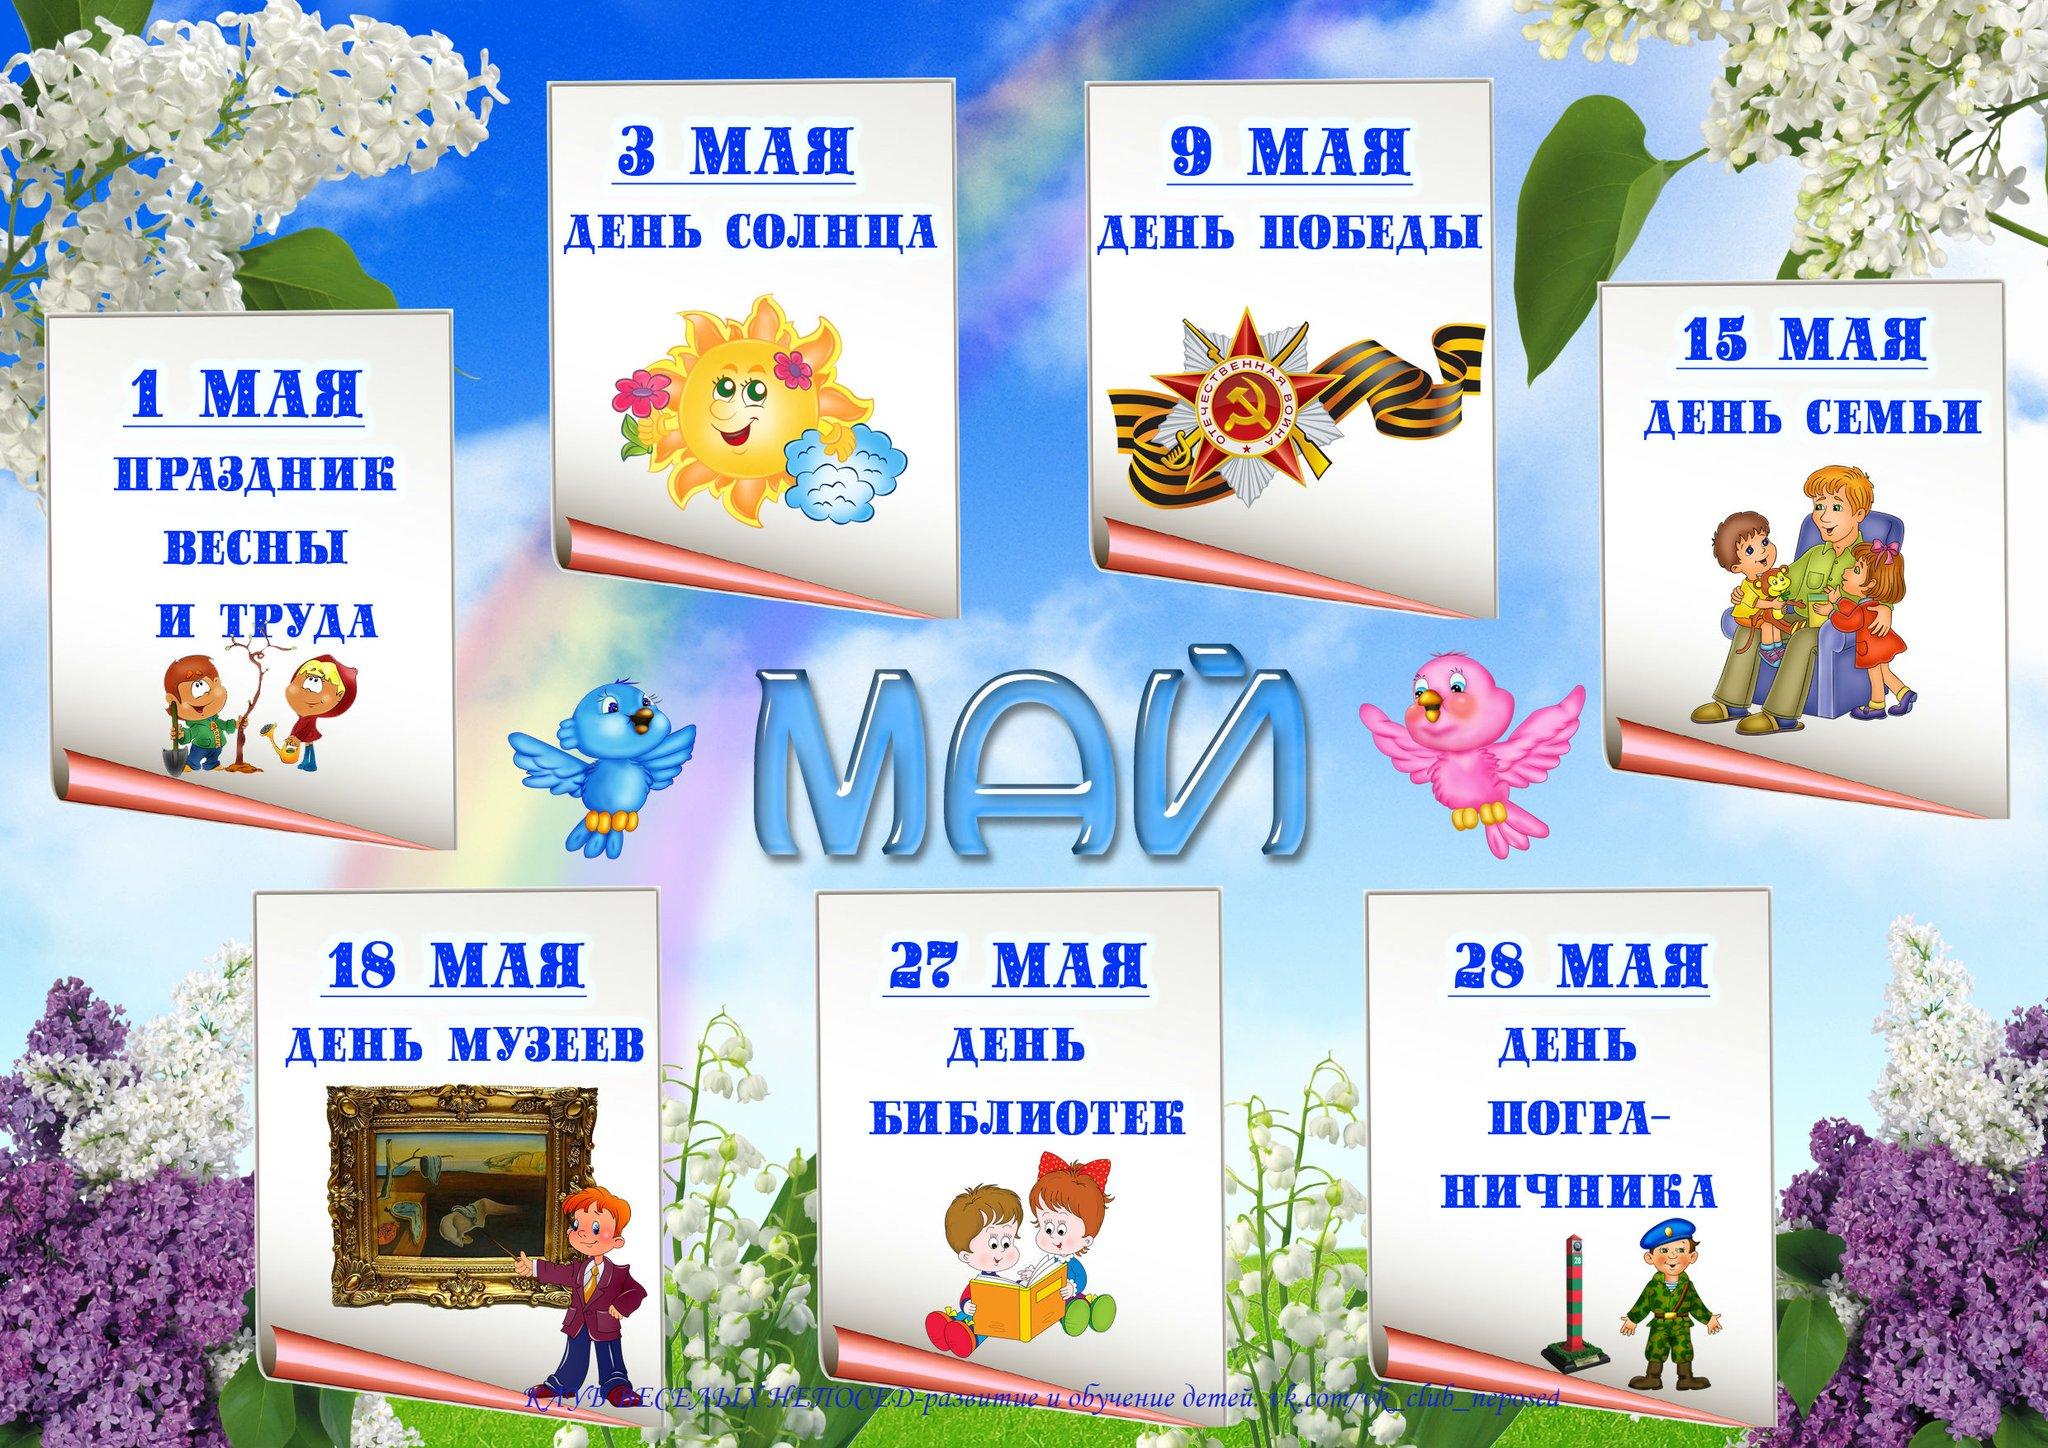 Картинки с праздниками по месяцам, спасибо открытка